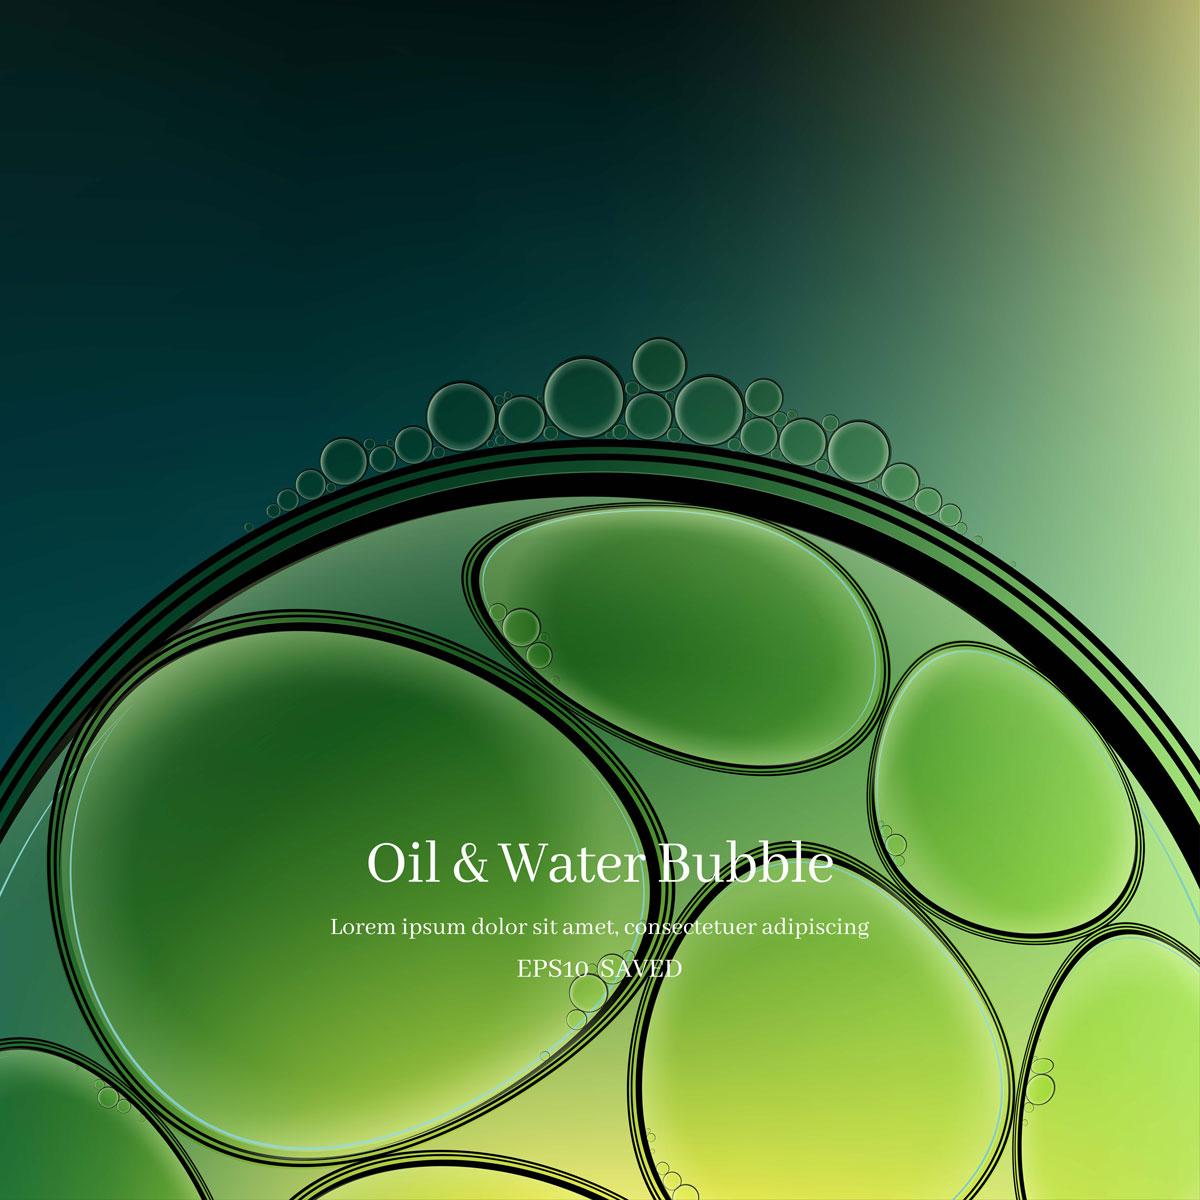 14款油脂液体水滴气泡海报设计AI矢量素材 Water Drop Bubble Vector Material插图3